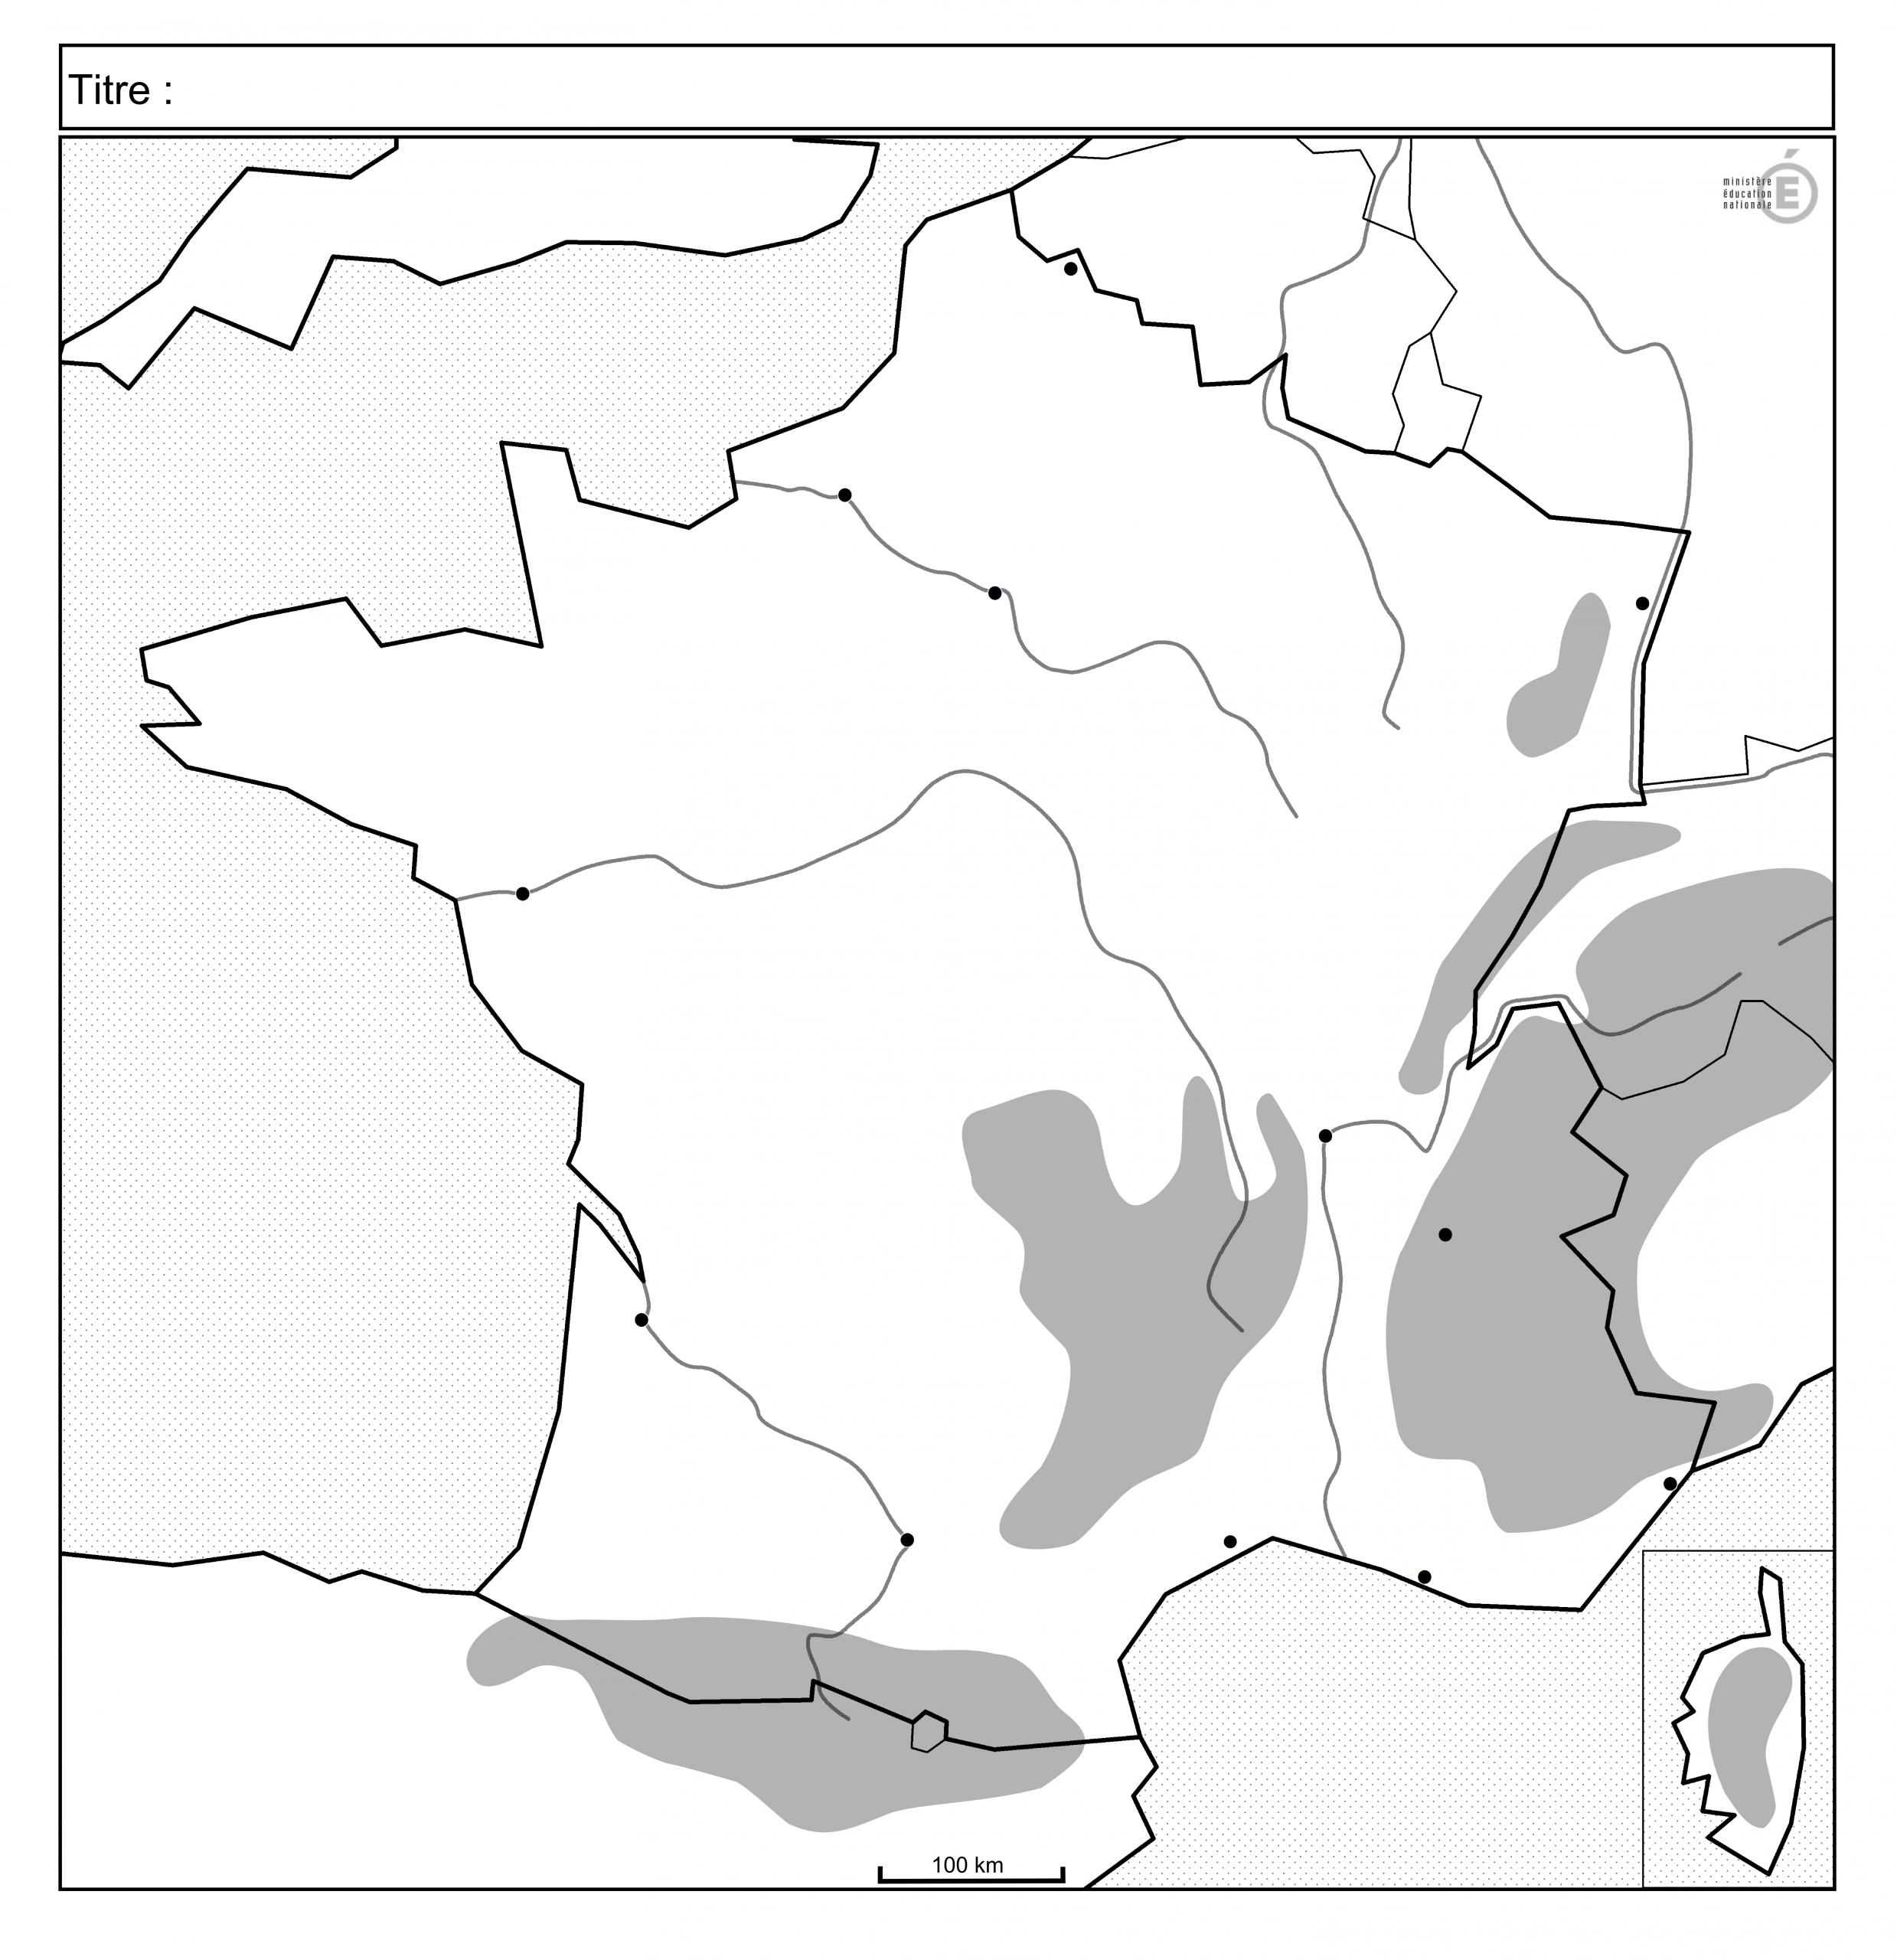 Fonds De Carte - Histoire-Géographie - Éduscol destiné Carte De France Muette À Compléter